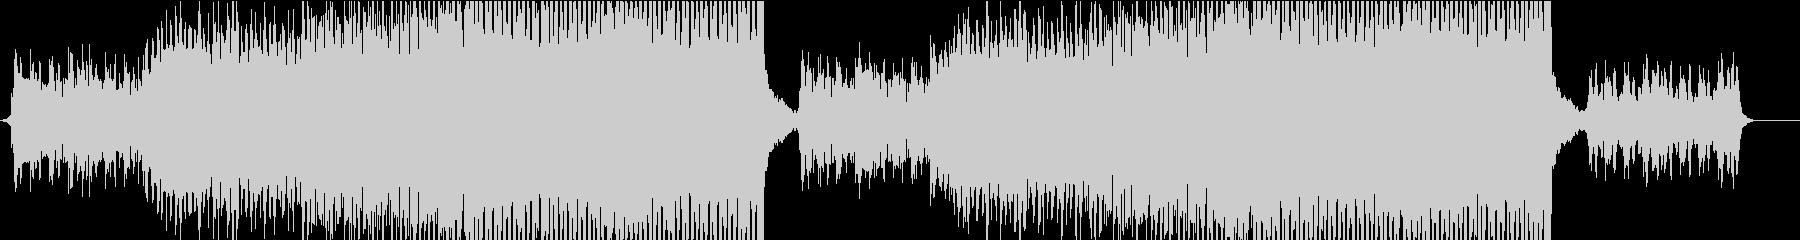 ボーカルチョップを使った明るいEDMの未再生の波形